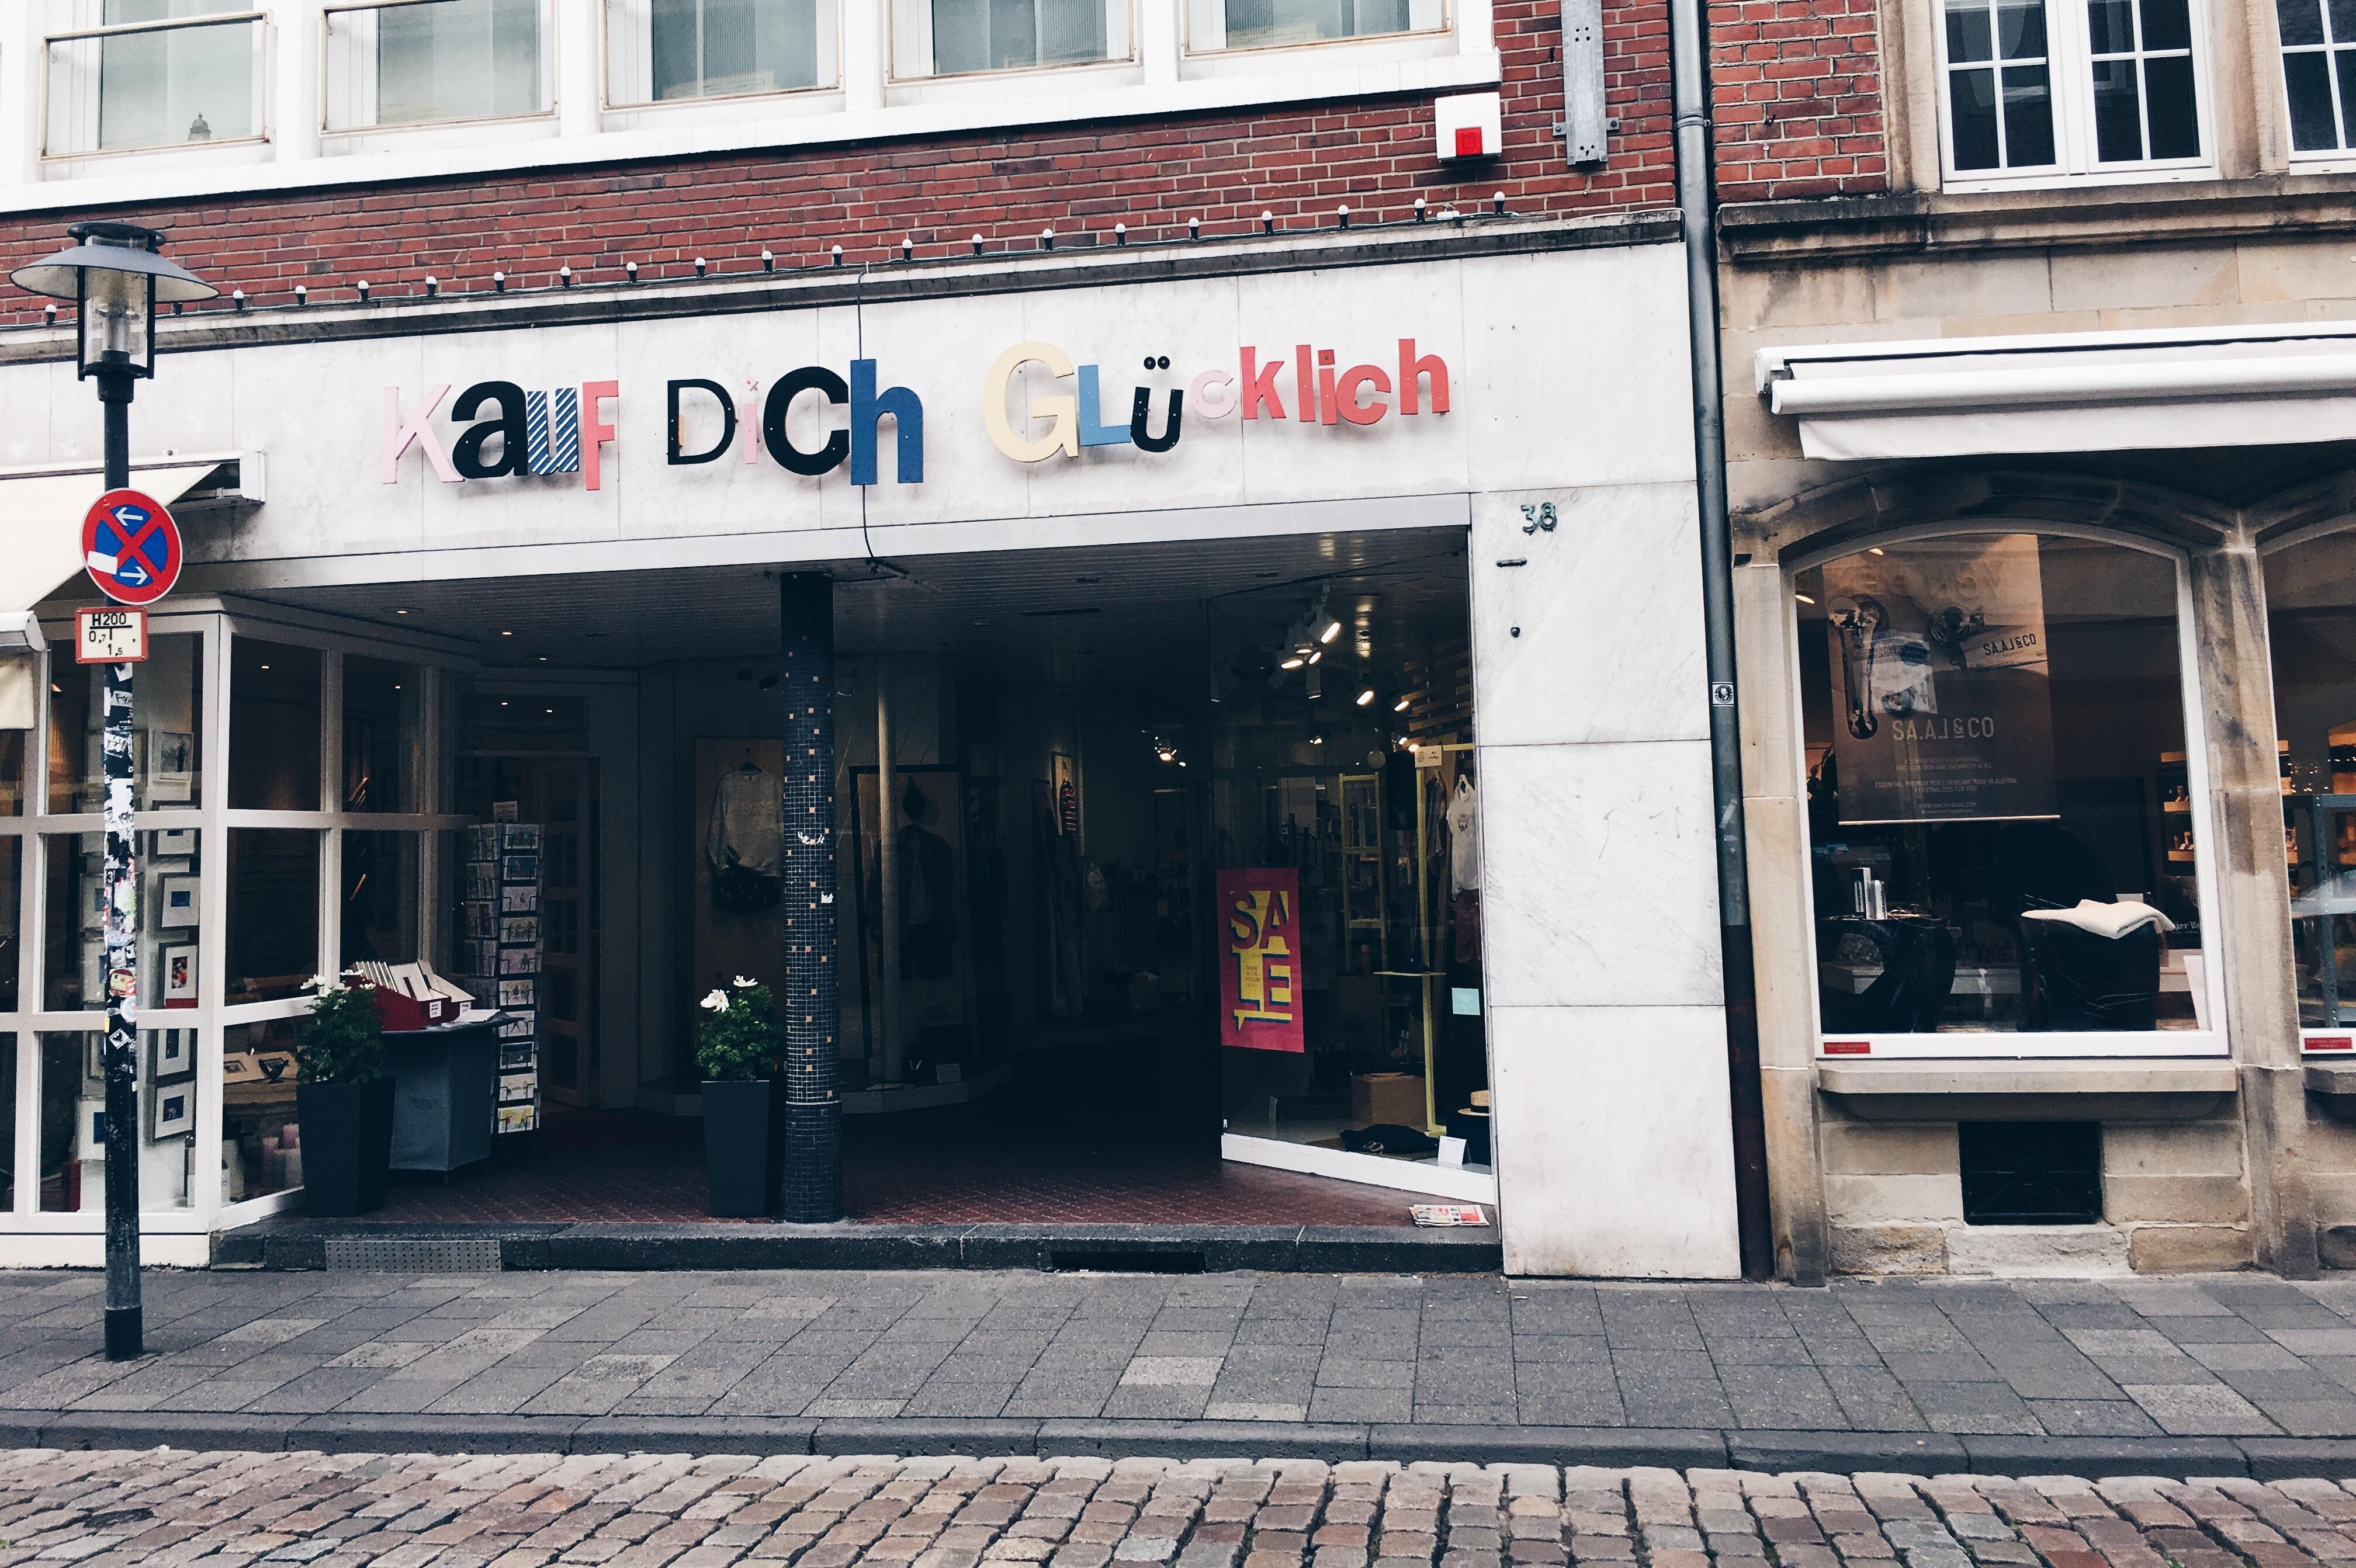 Ein Wochenende in Münster, Einkaufen